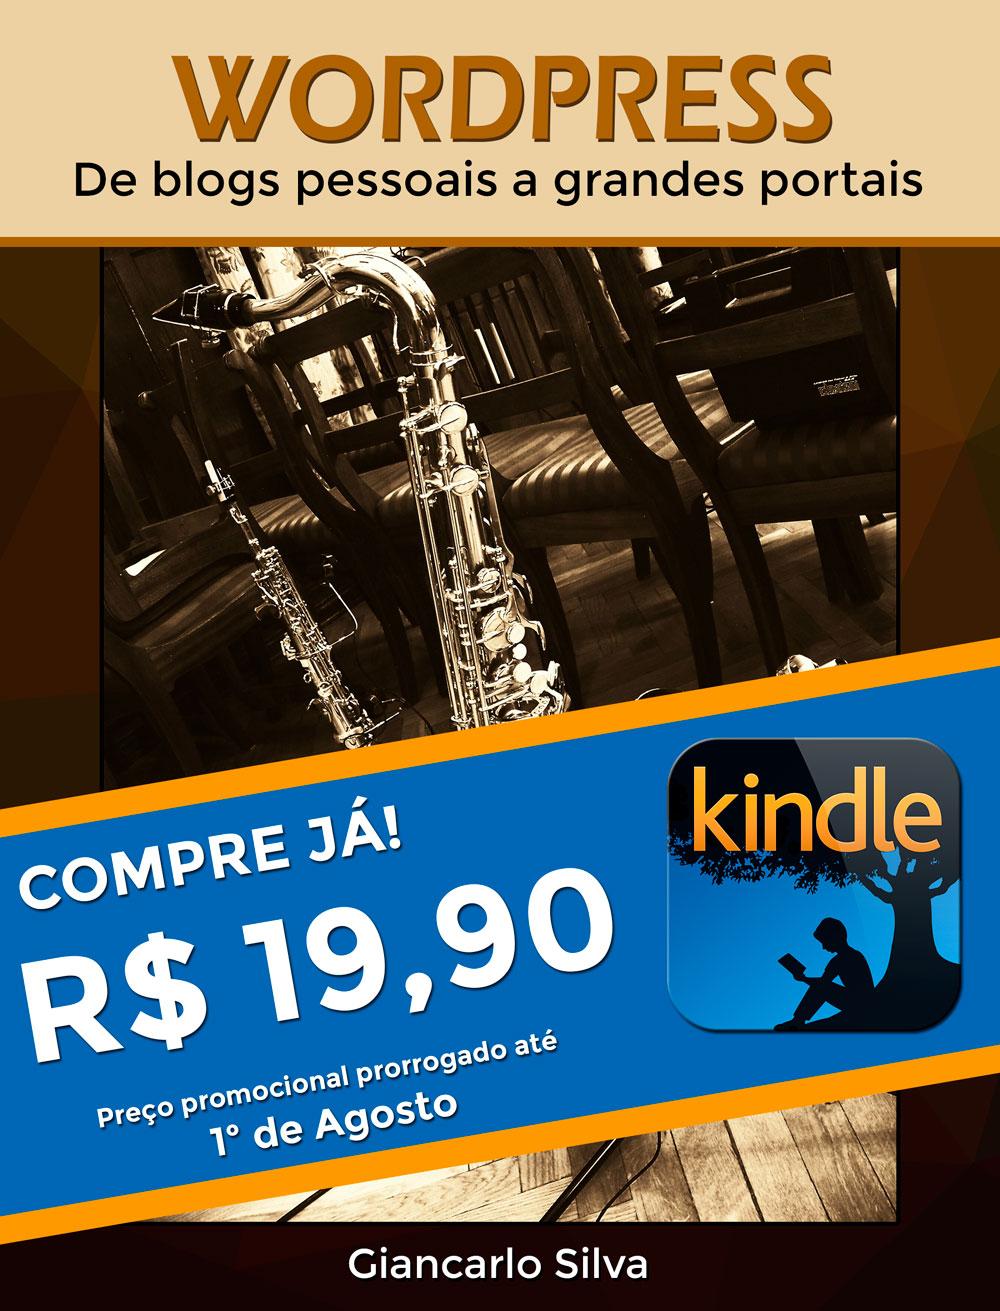 Compre o meu livro de WordPress na Amazon por apenas R$ 19,90! Preço promocional até o dia 1º de Agosto.